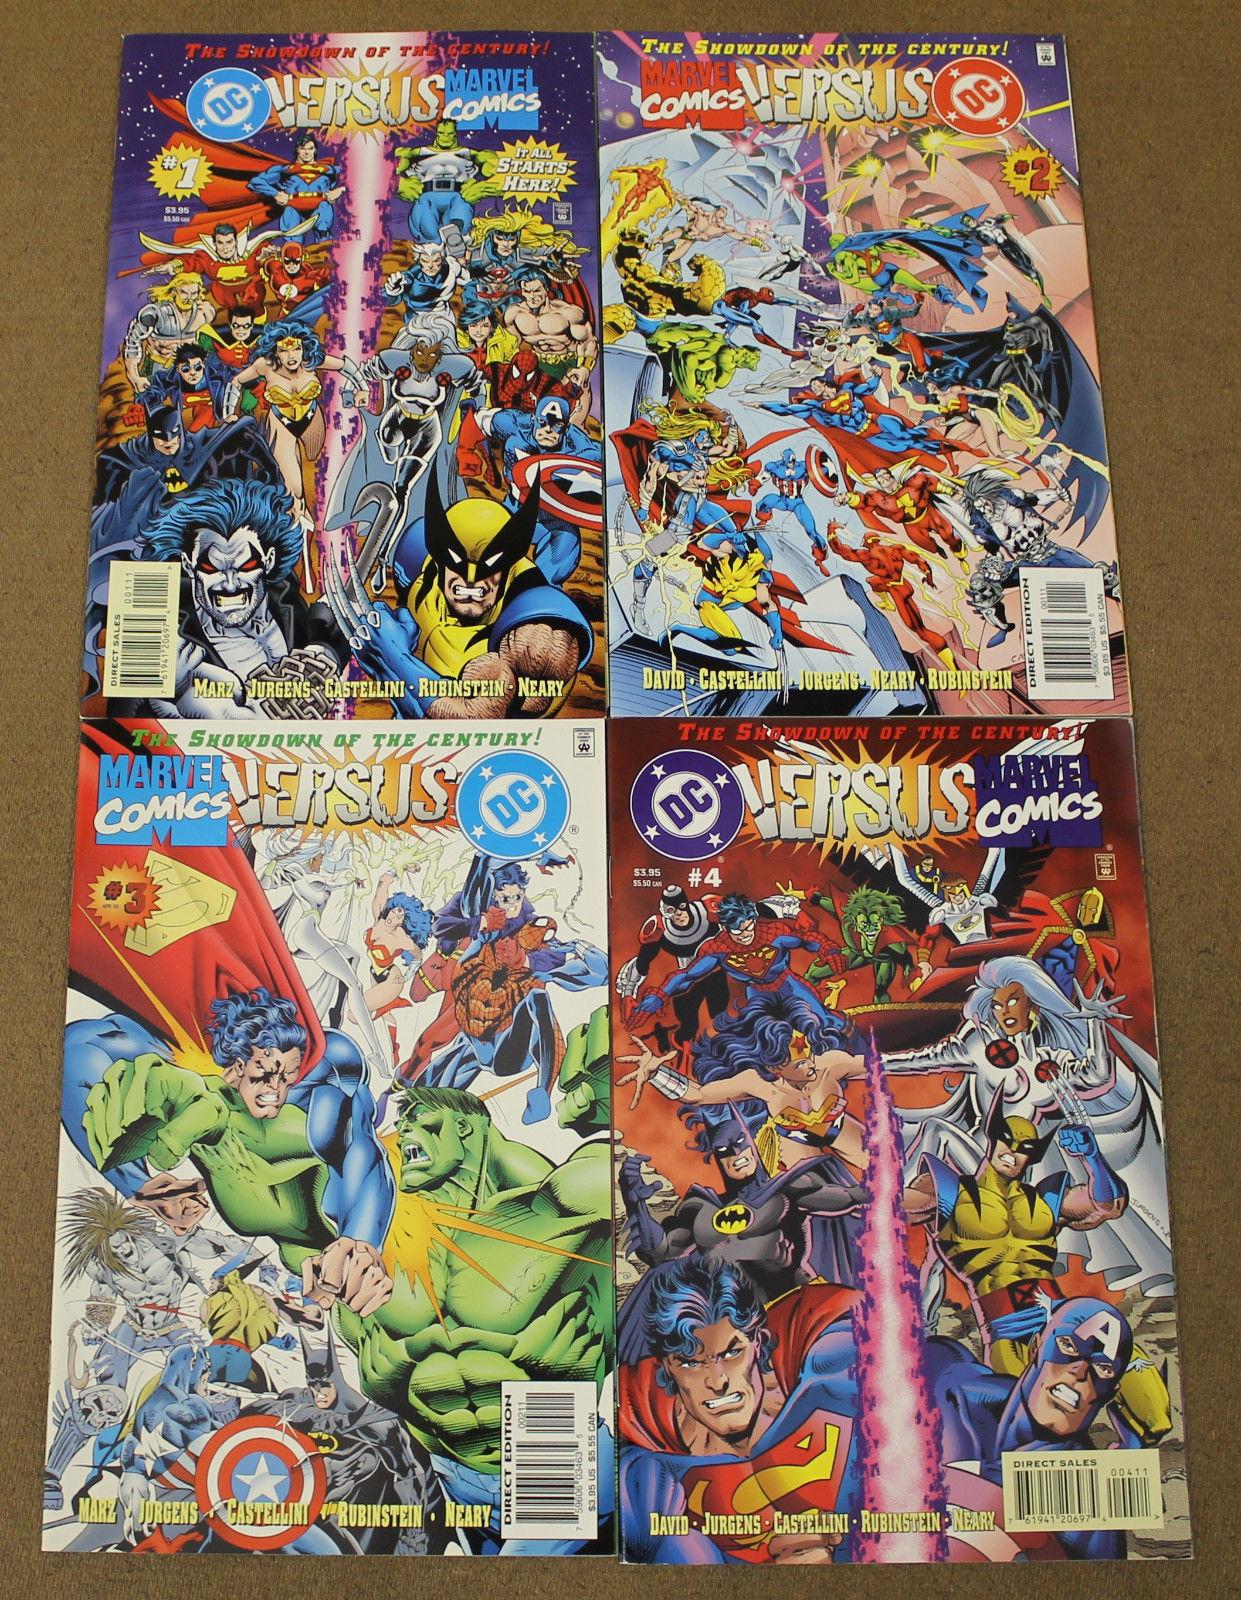 DC Versus Marvel/Marvel Versus DC (1996) #1-4 Complete Set Amalgam